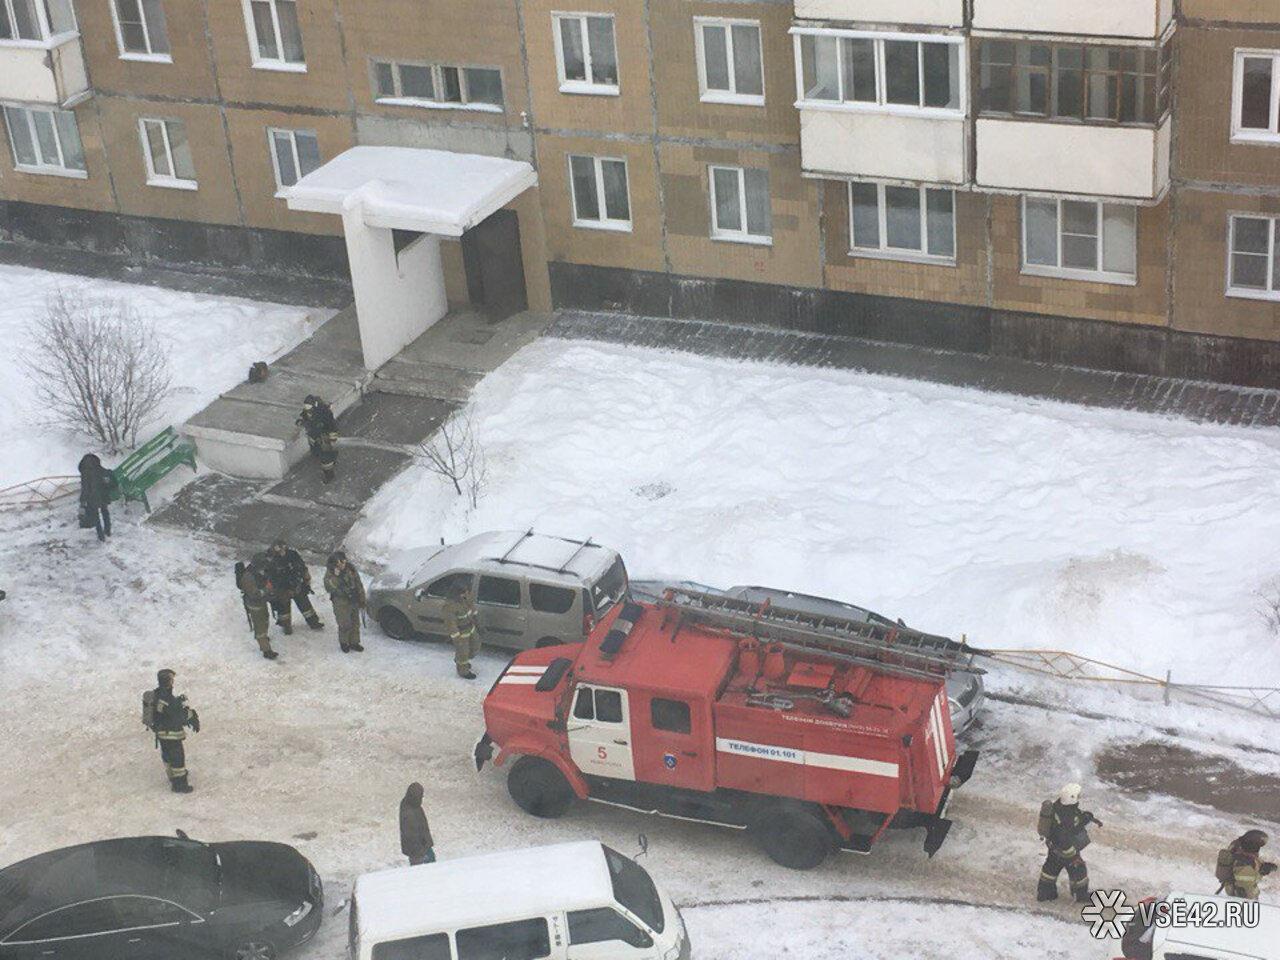 Многоэтажный высотный дом зажегся наФПК вКемерове